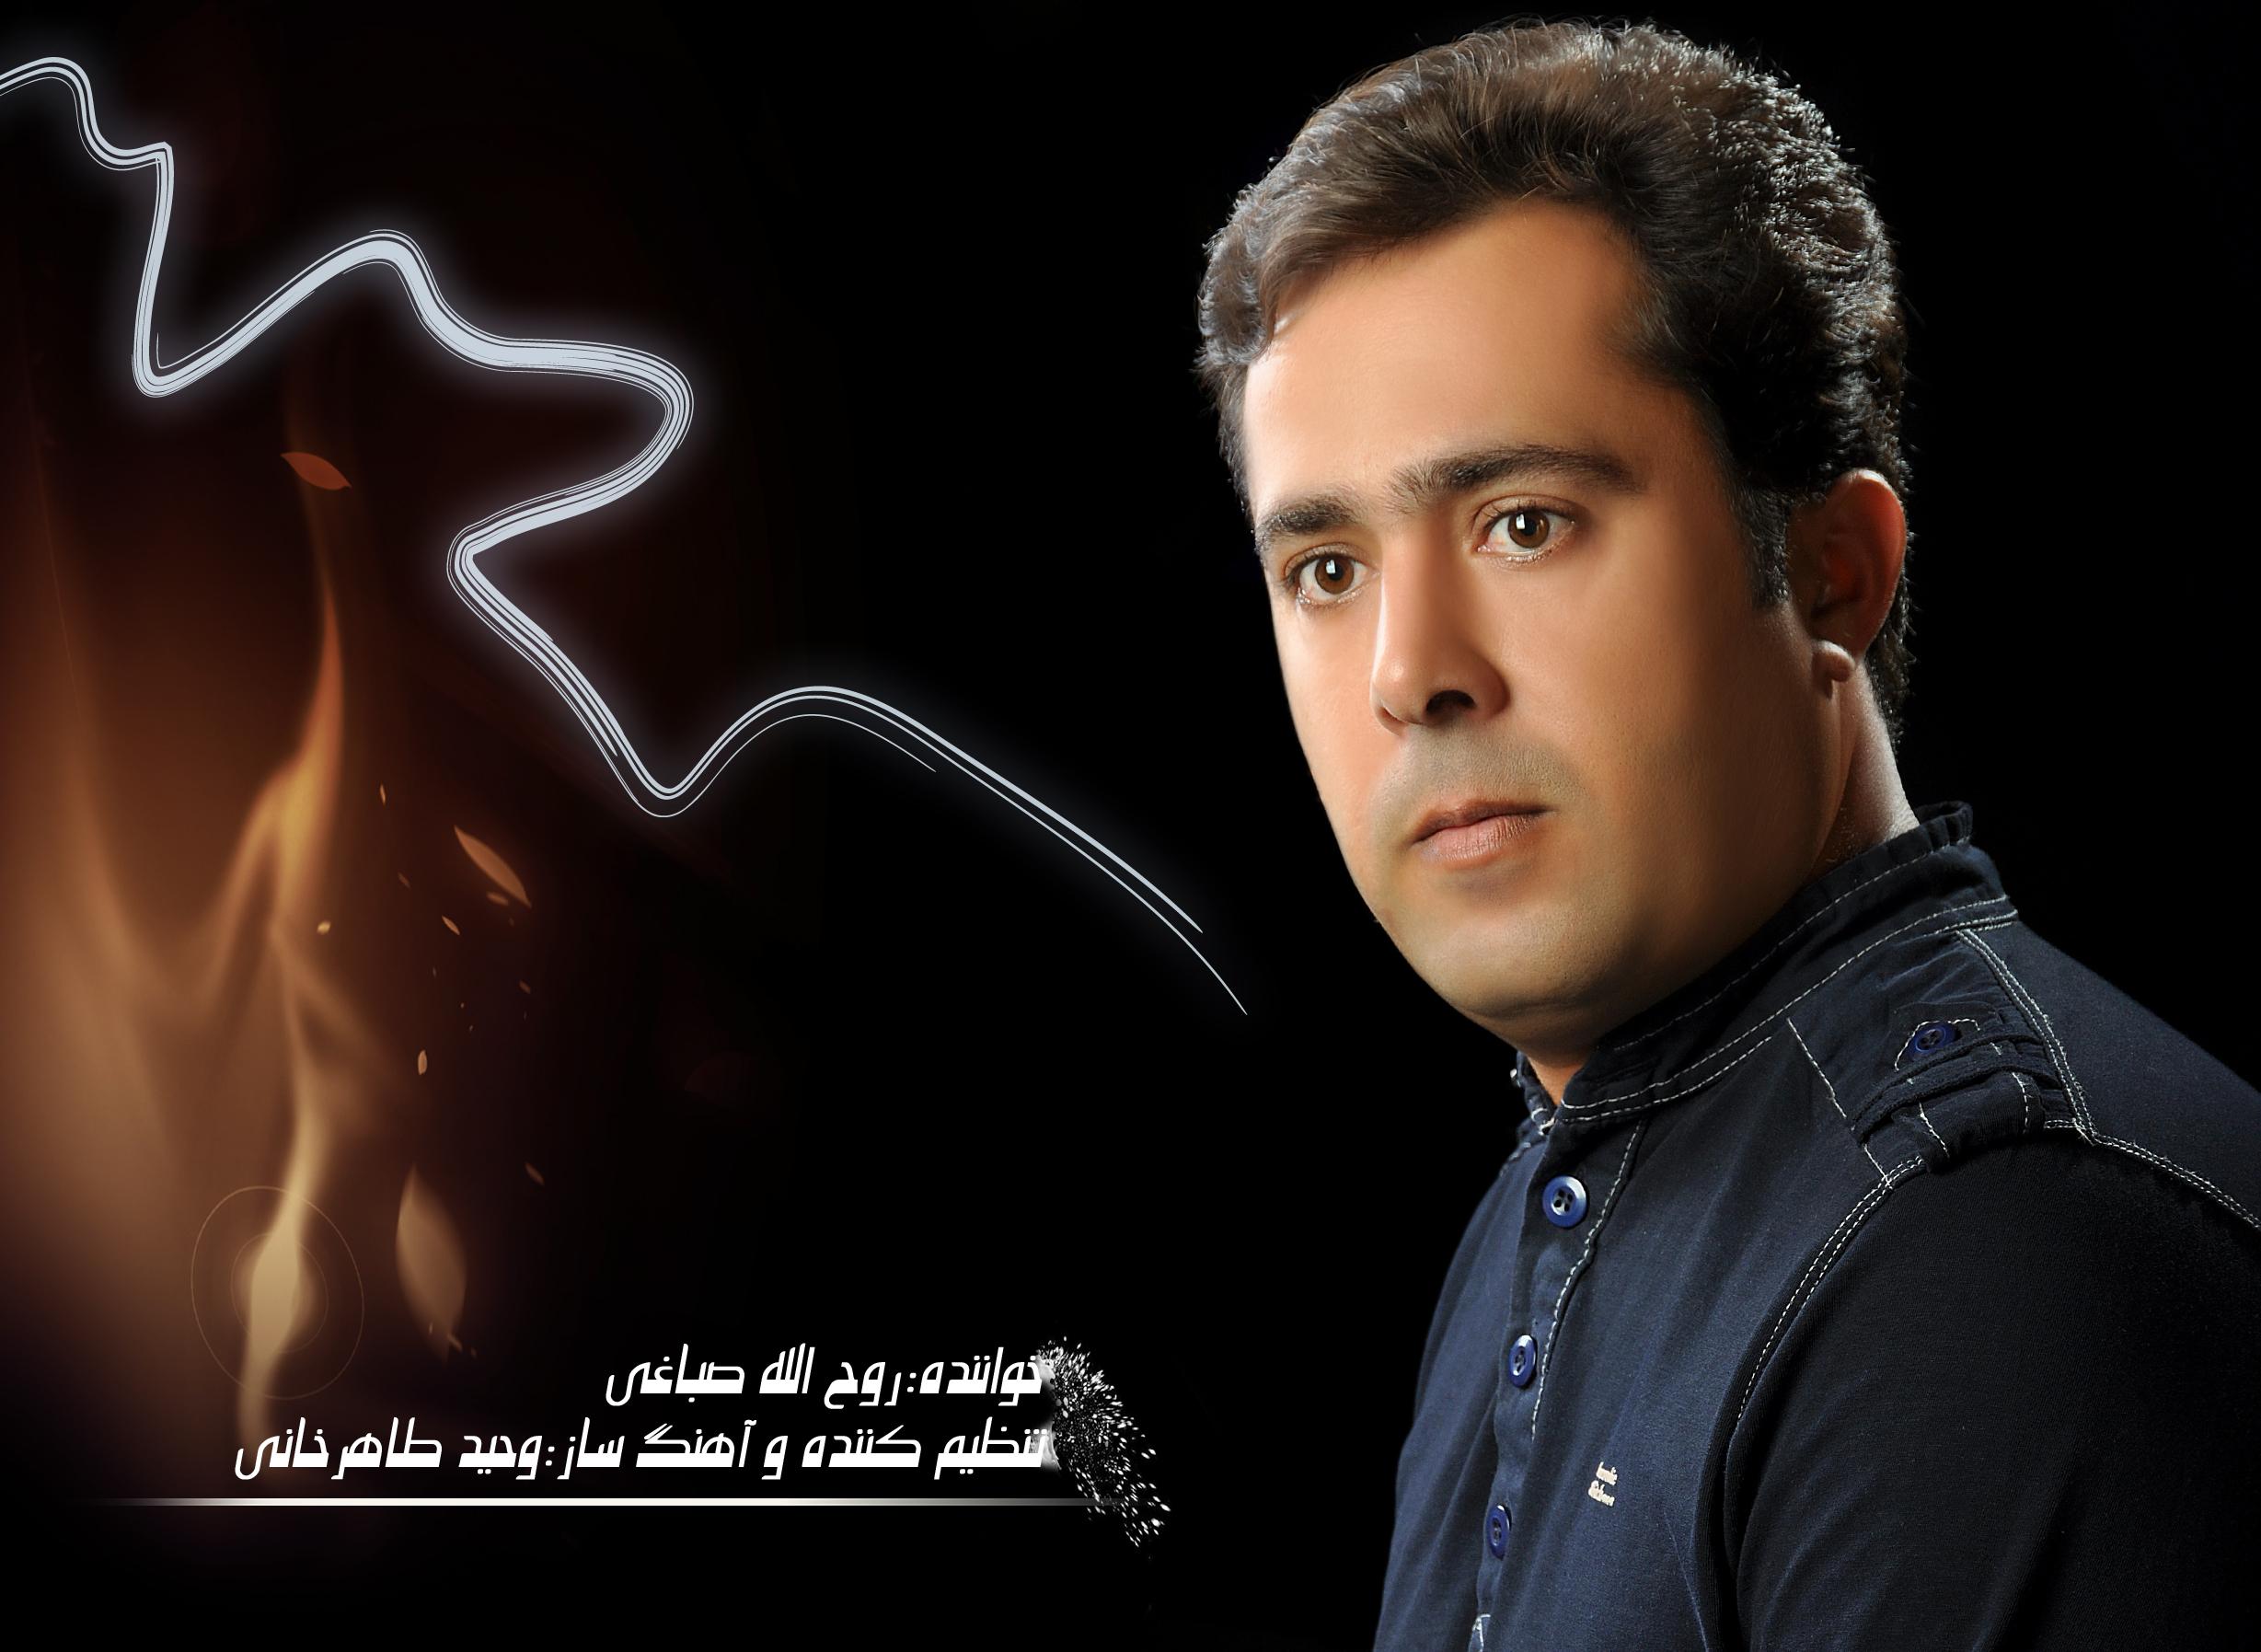 دانلود اهنگ الله اکبر ریمیکس دانلود آهنگ جدید از روح الله صباغی بنام حرم